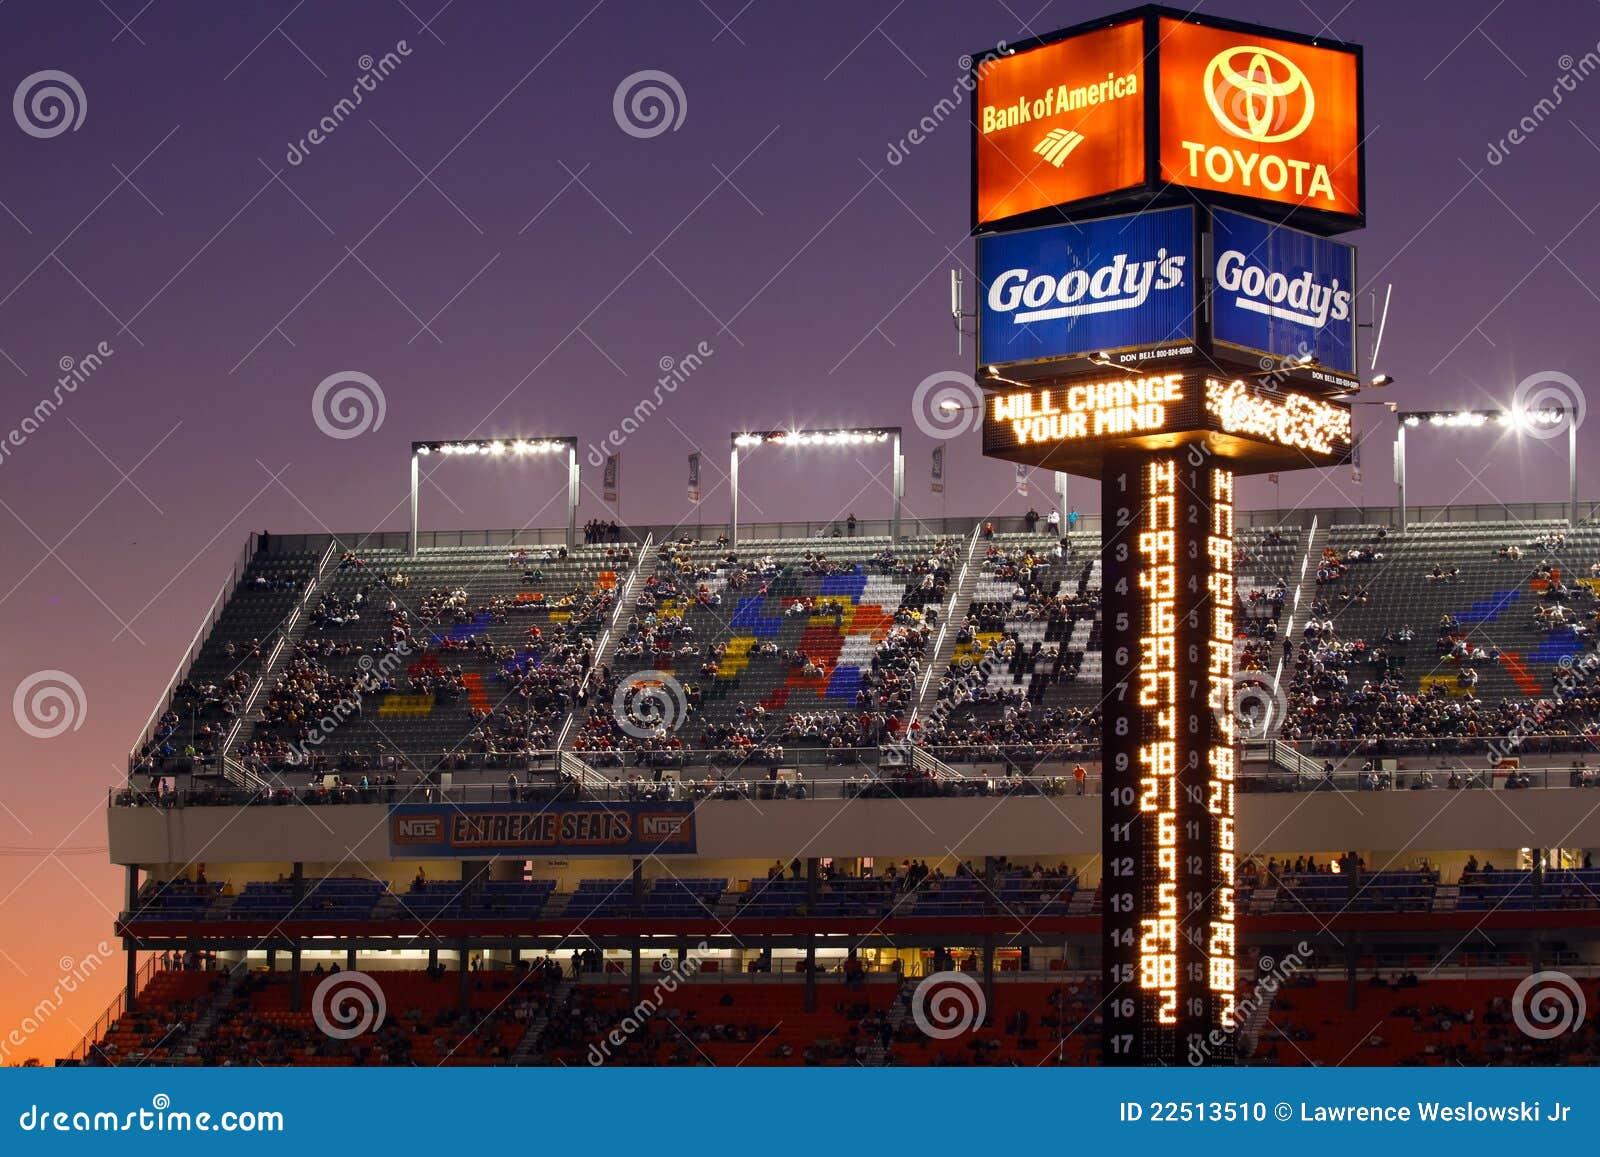 Nascar Charlotte Motor Speedway Scoring Tower Editorial